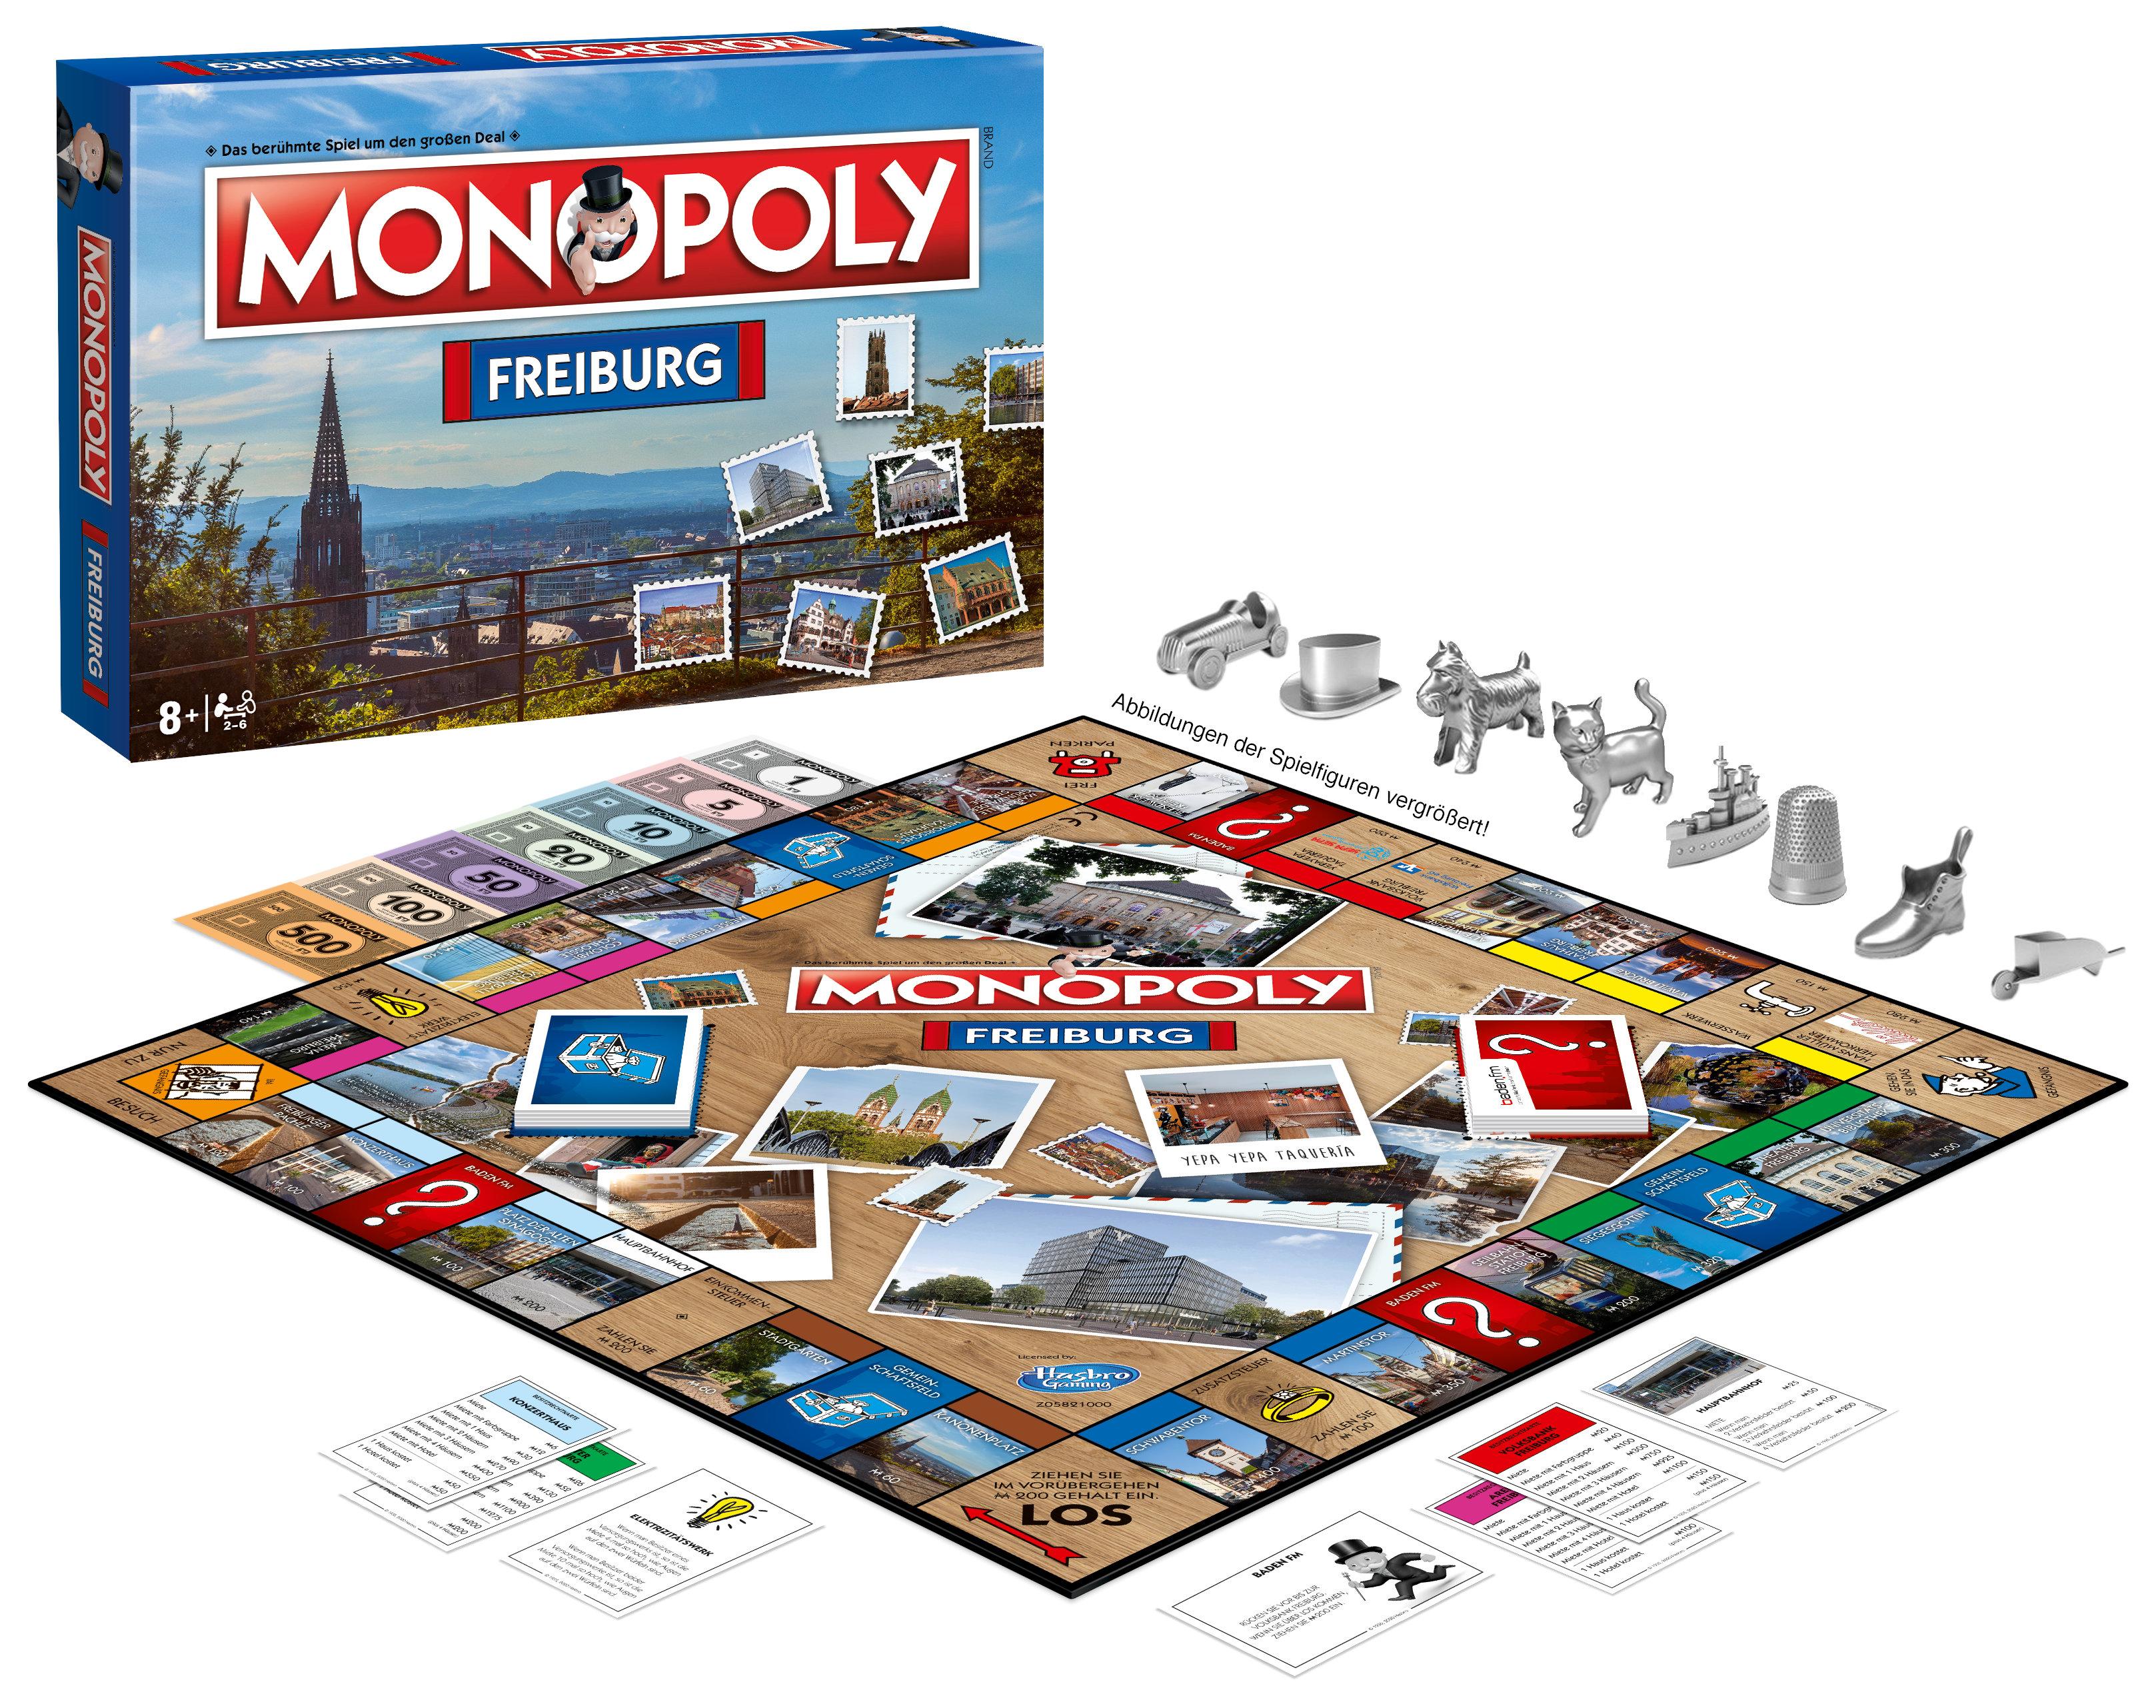 Monopoly Freiburg